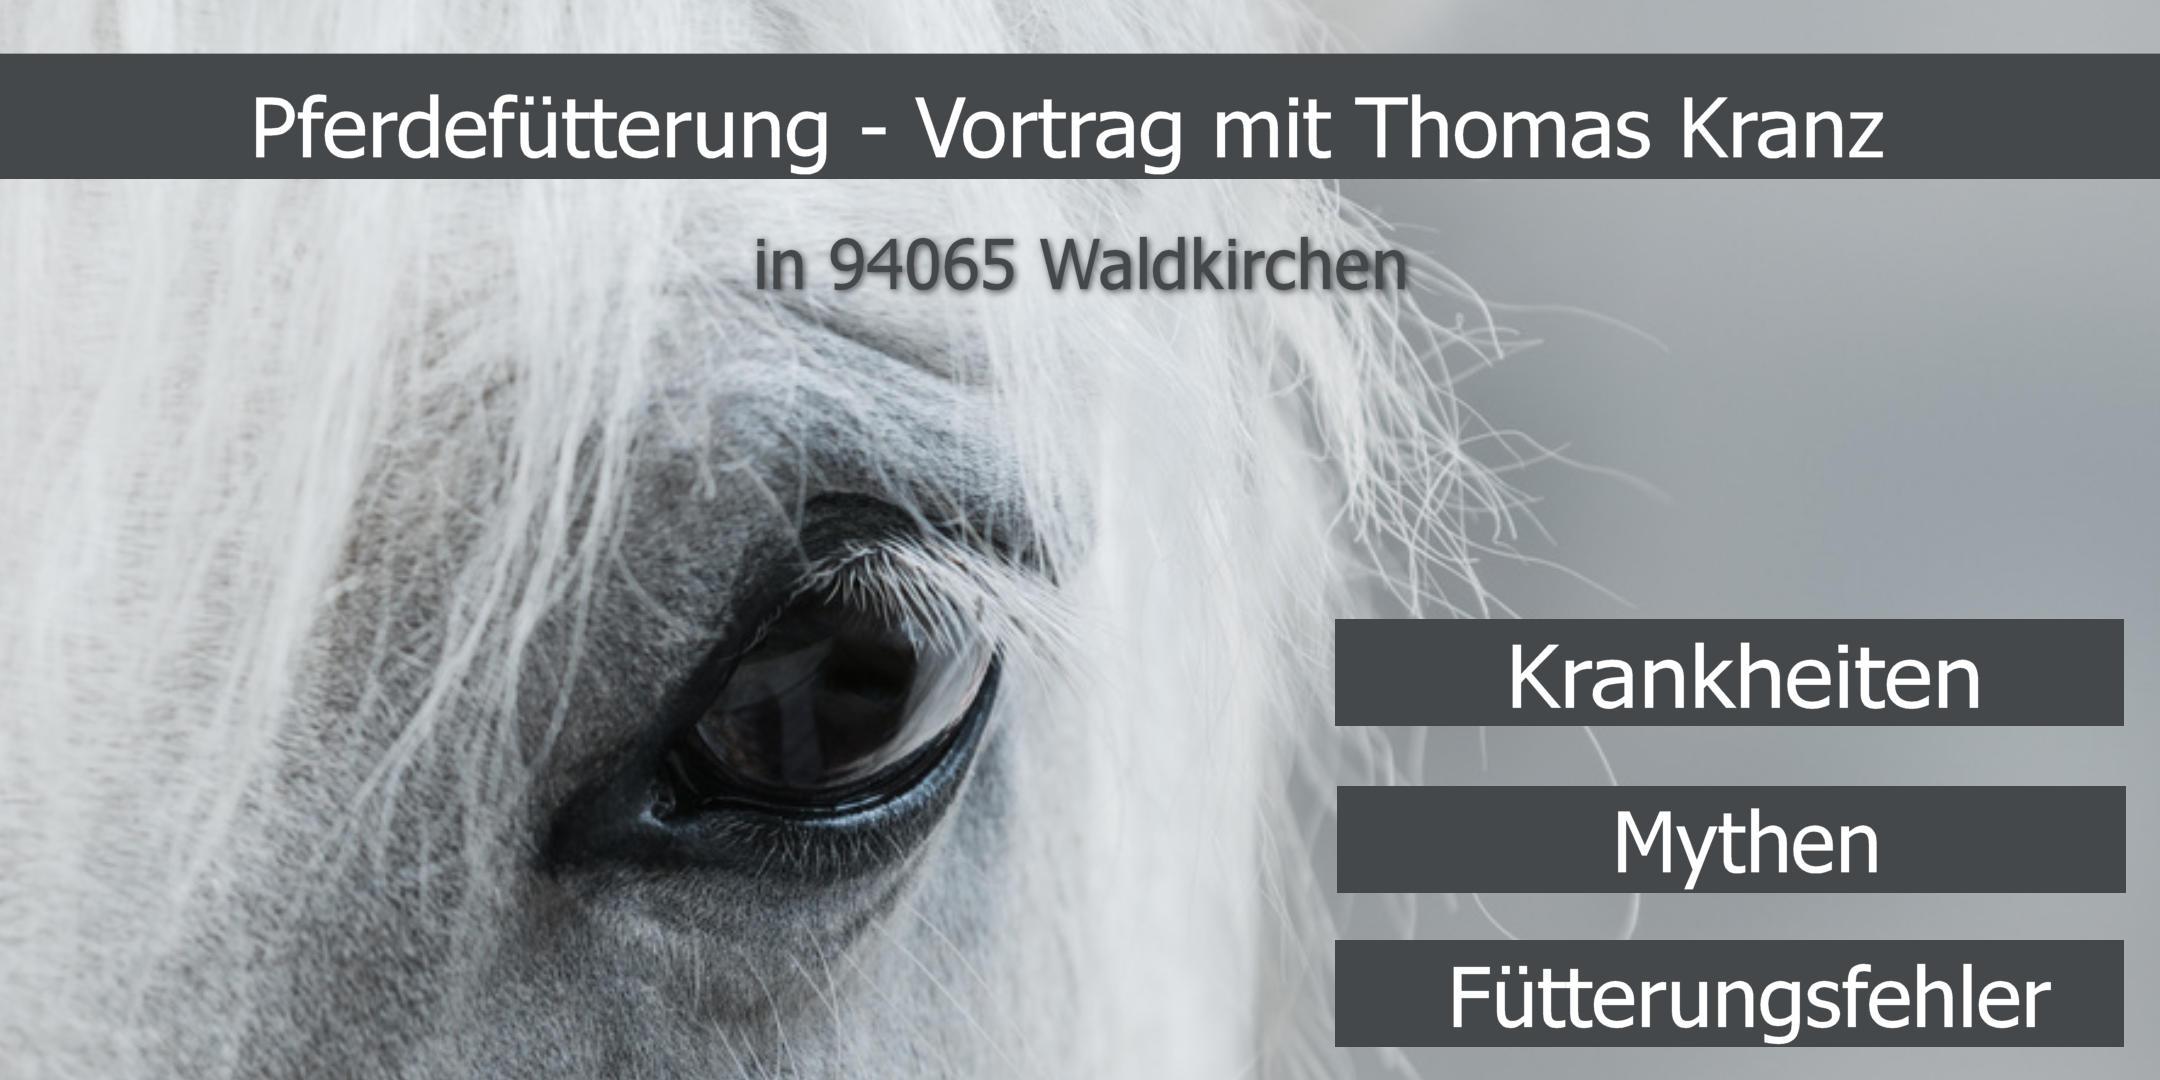 Vortrag Thomas Kranz Pferdefütterung